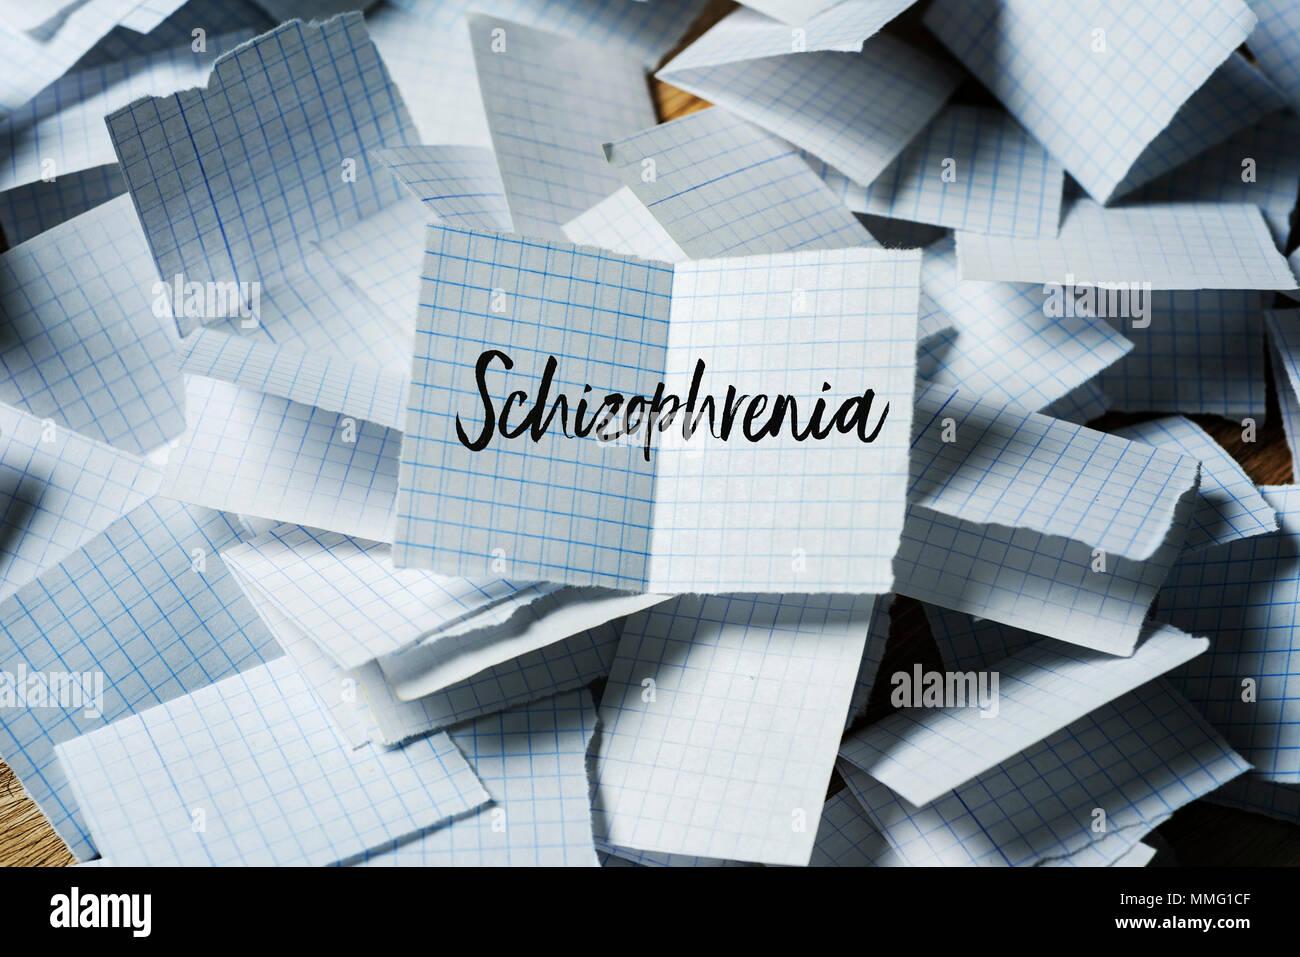 Una pila di pezzi di carta piegato a metà e il testo della schizofrenia in uno di essi è dispiegata sulla parte superiore Immagini Stock